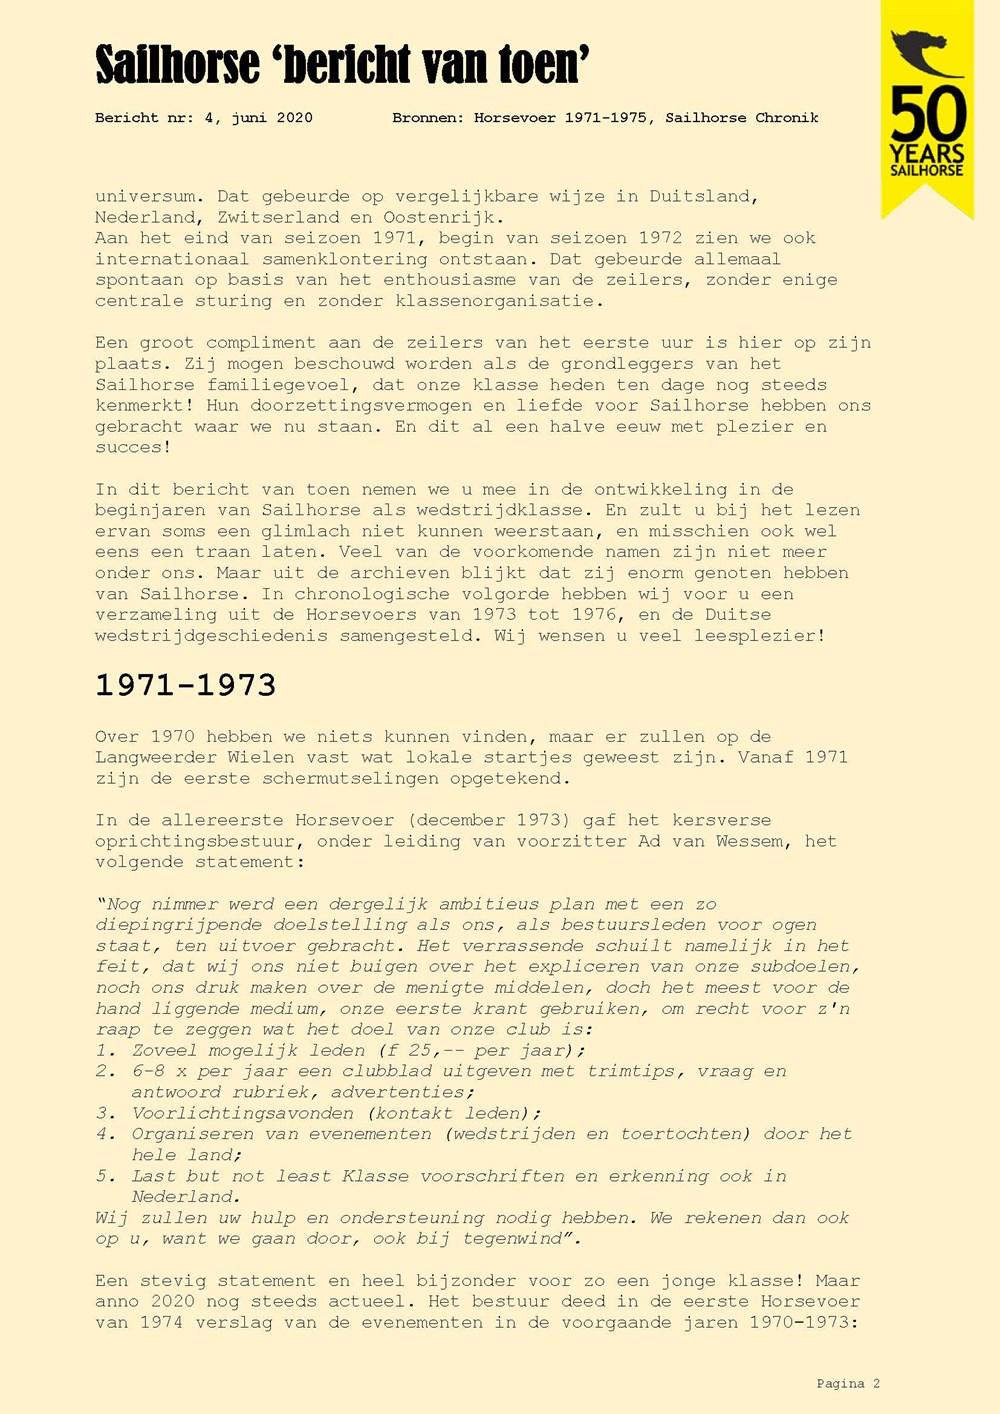 Bericht_van_toen_4_juni_Page_02a.jpg